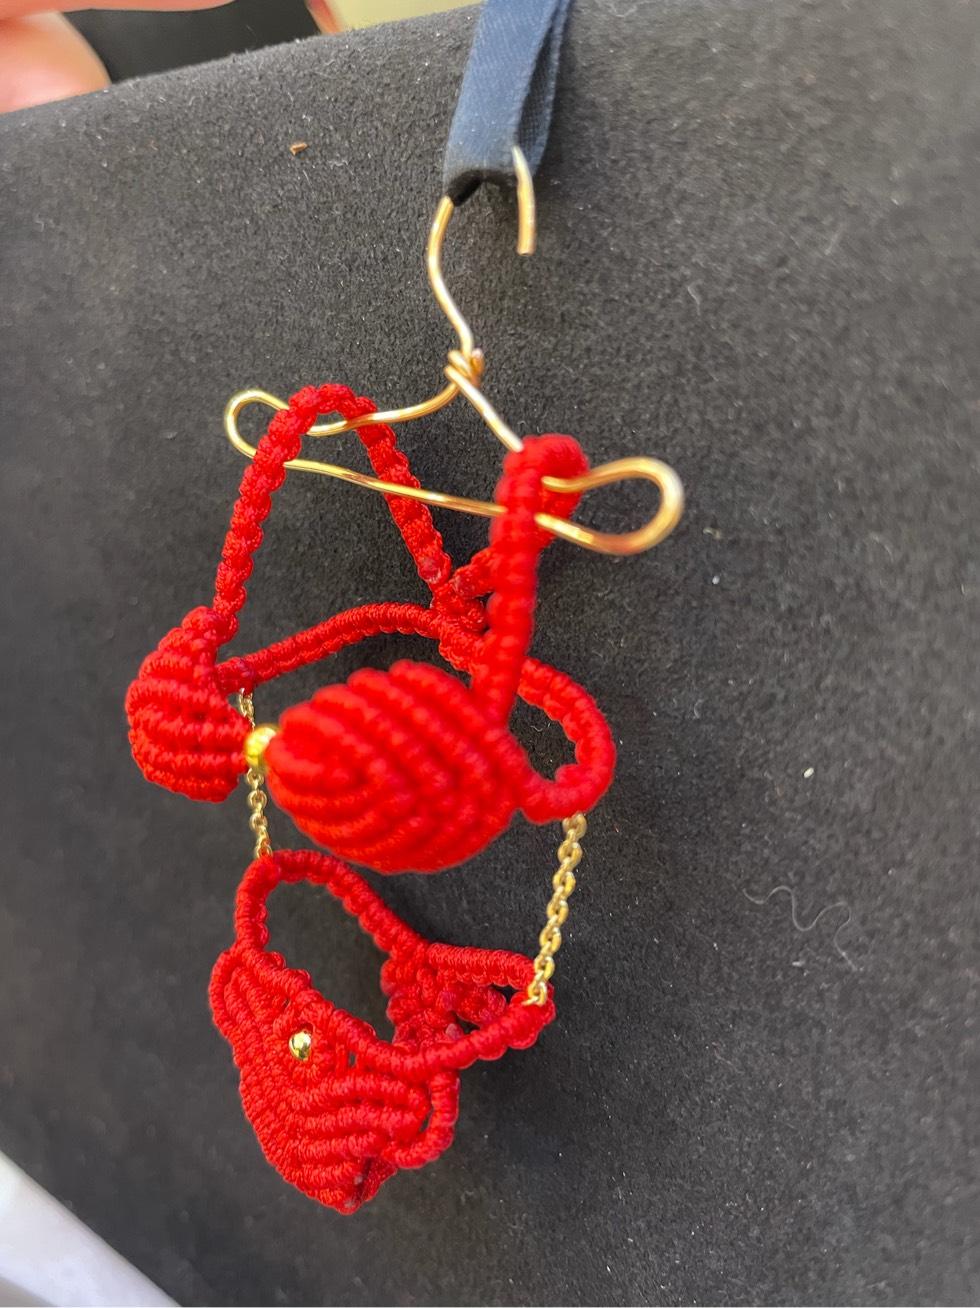 中国结论坛 本命年红内衣,逢胸化吉 本命年不能自己买红,本命年穿红色要穿多久,本命年送红内裤的禁忌 作品展示 172918hufqrr9tu8ff87f8